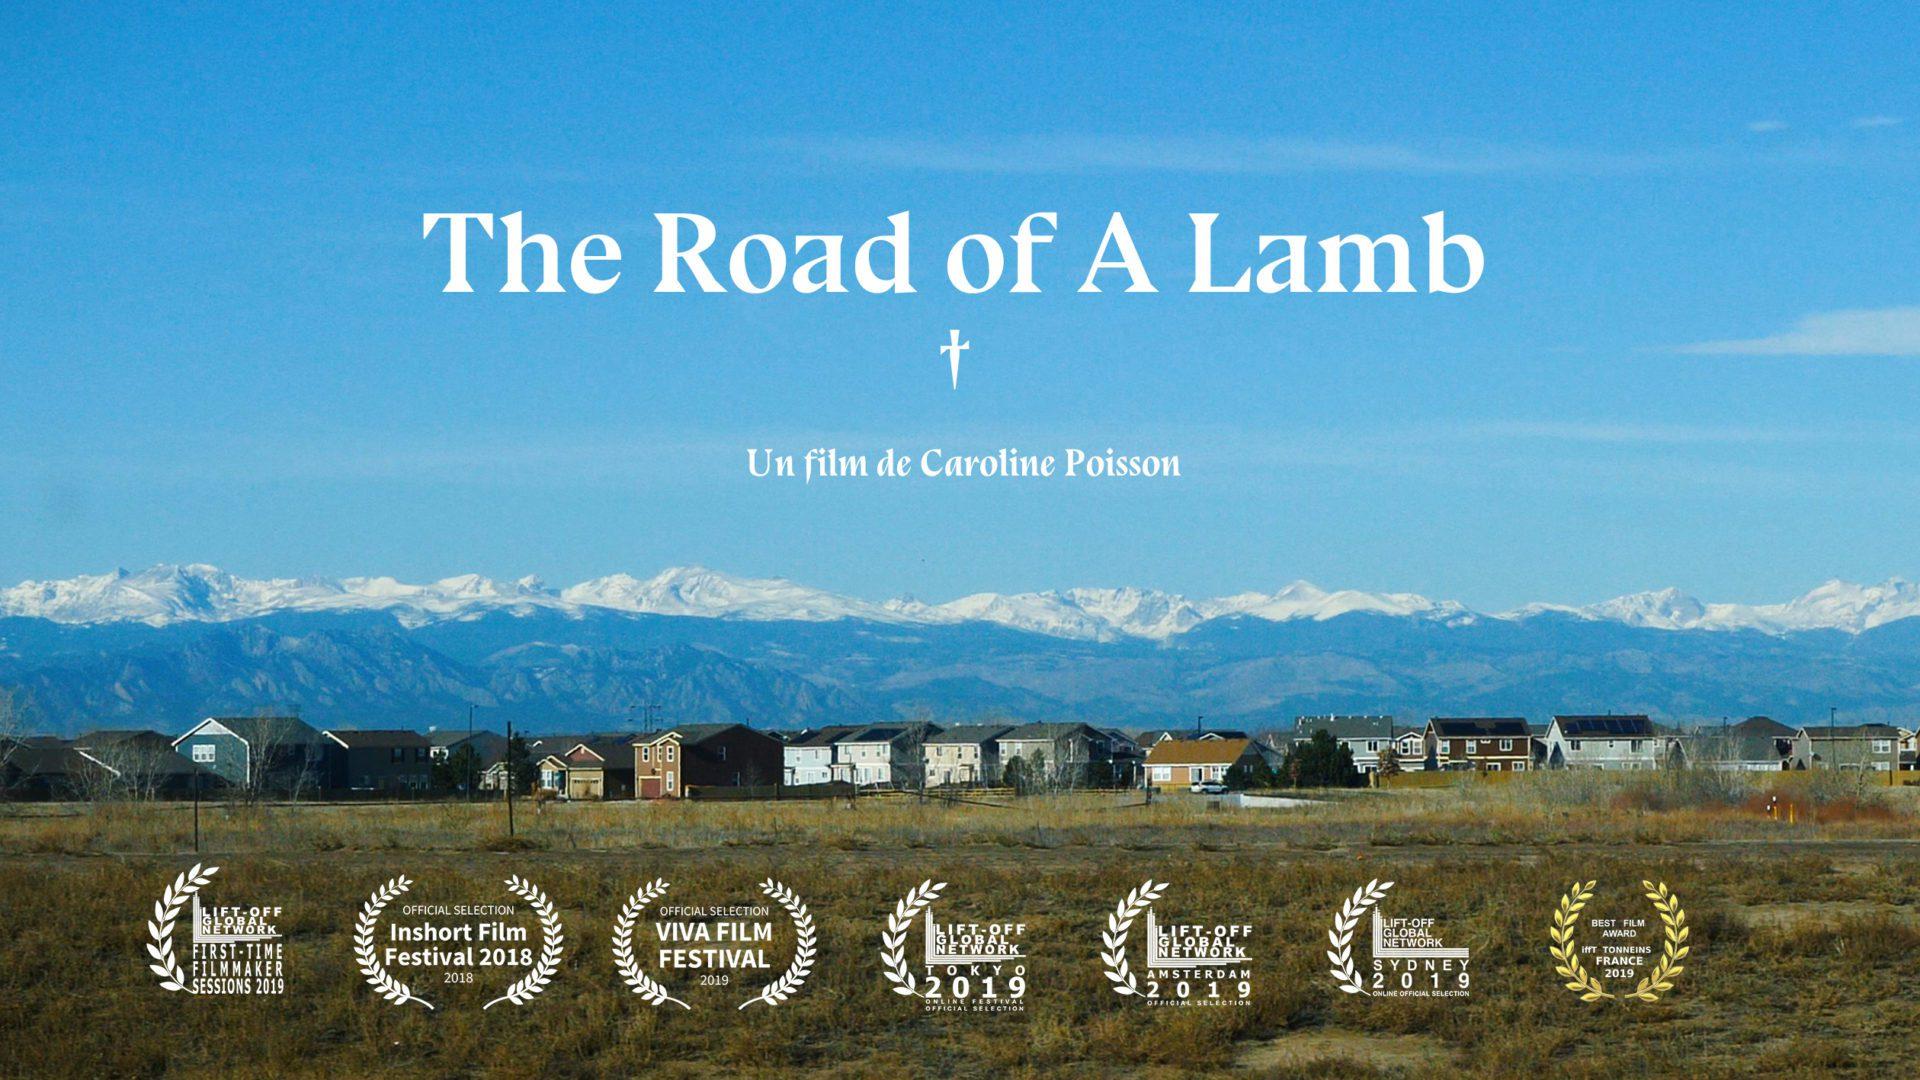 The Road of A Lamb